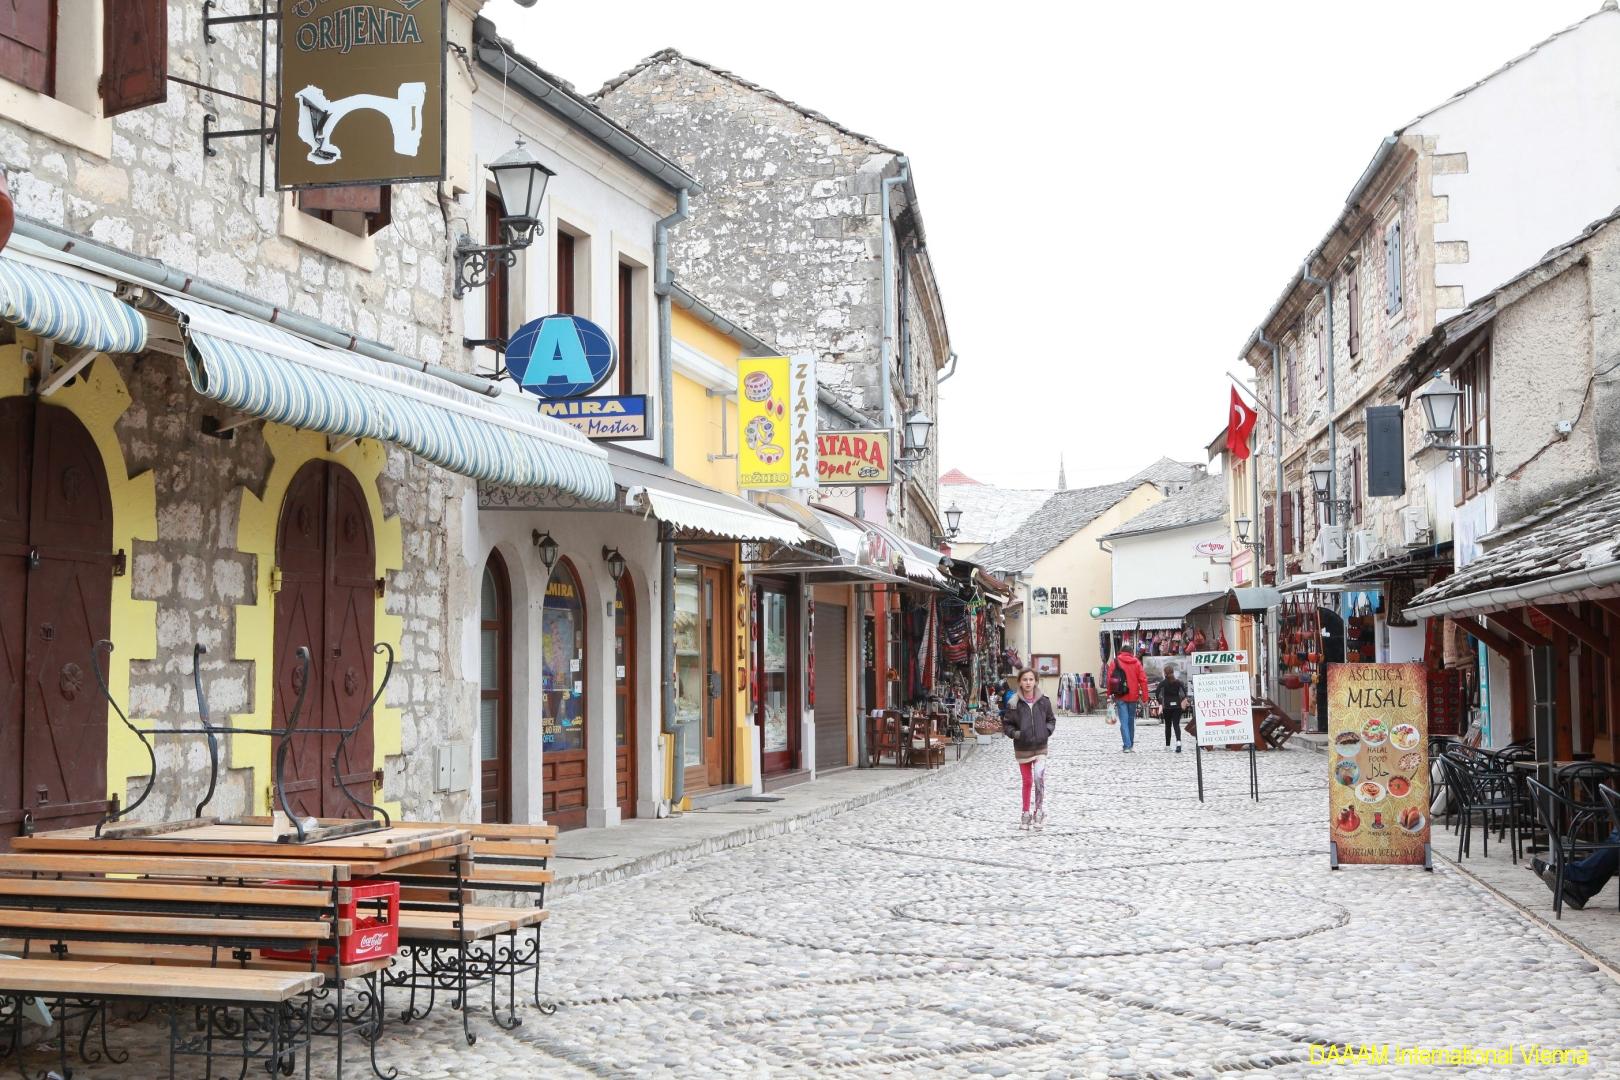 DAAAM_2016_Mostar_01_Magic_City_of_Mostar_114